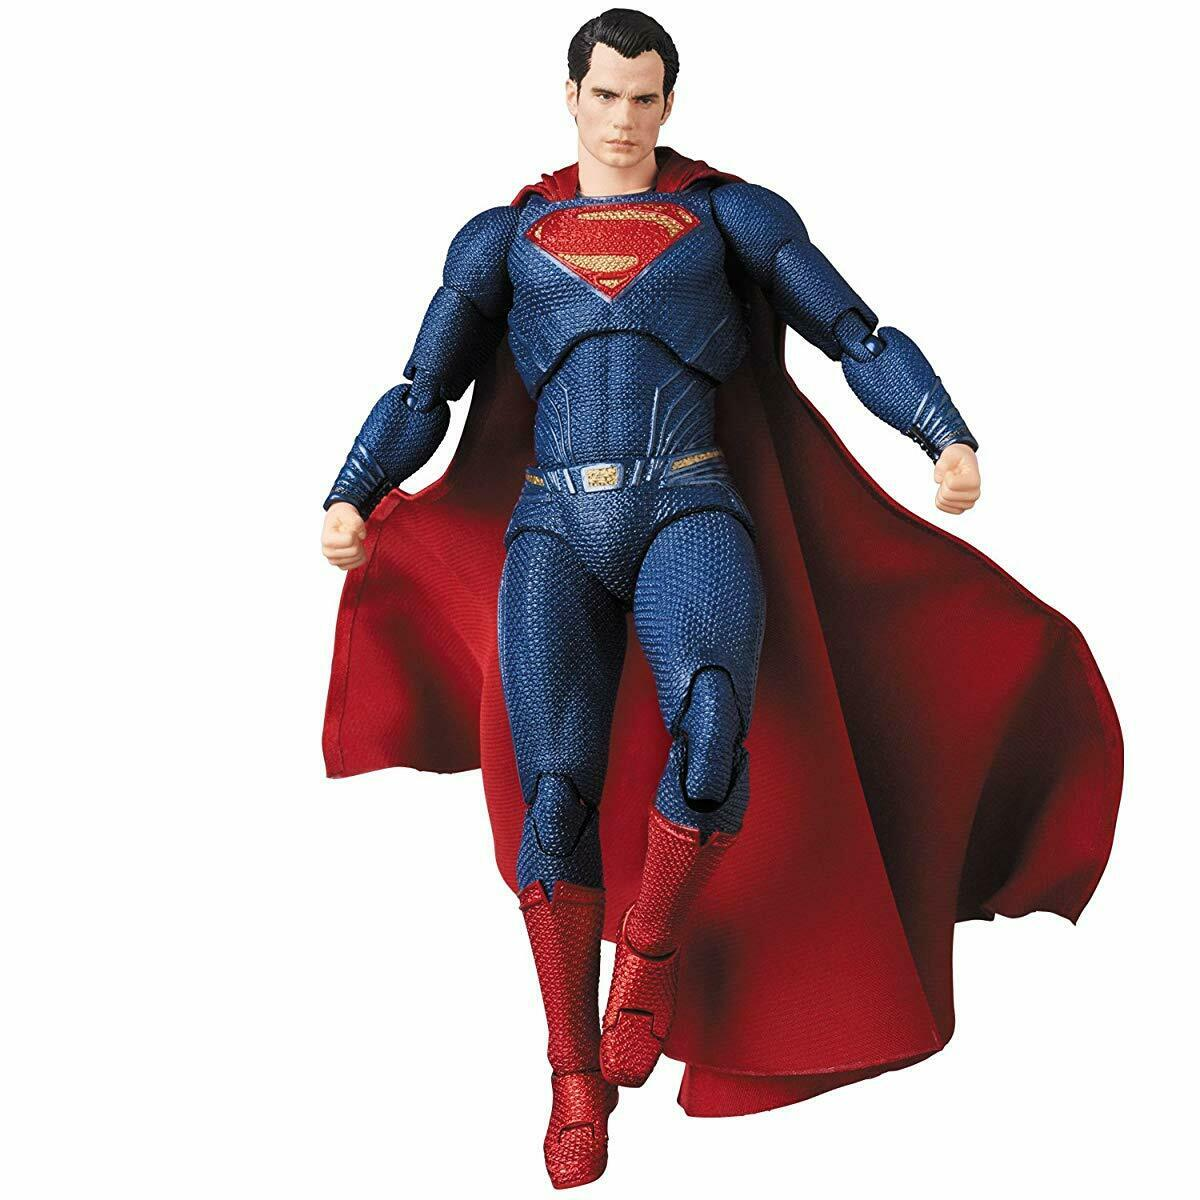 MAFEX No.57 Superman hauteur environ 160 mm JUL178417 Action Figure du Japon